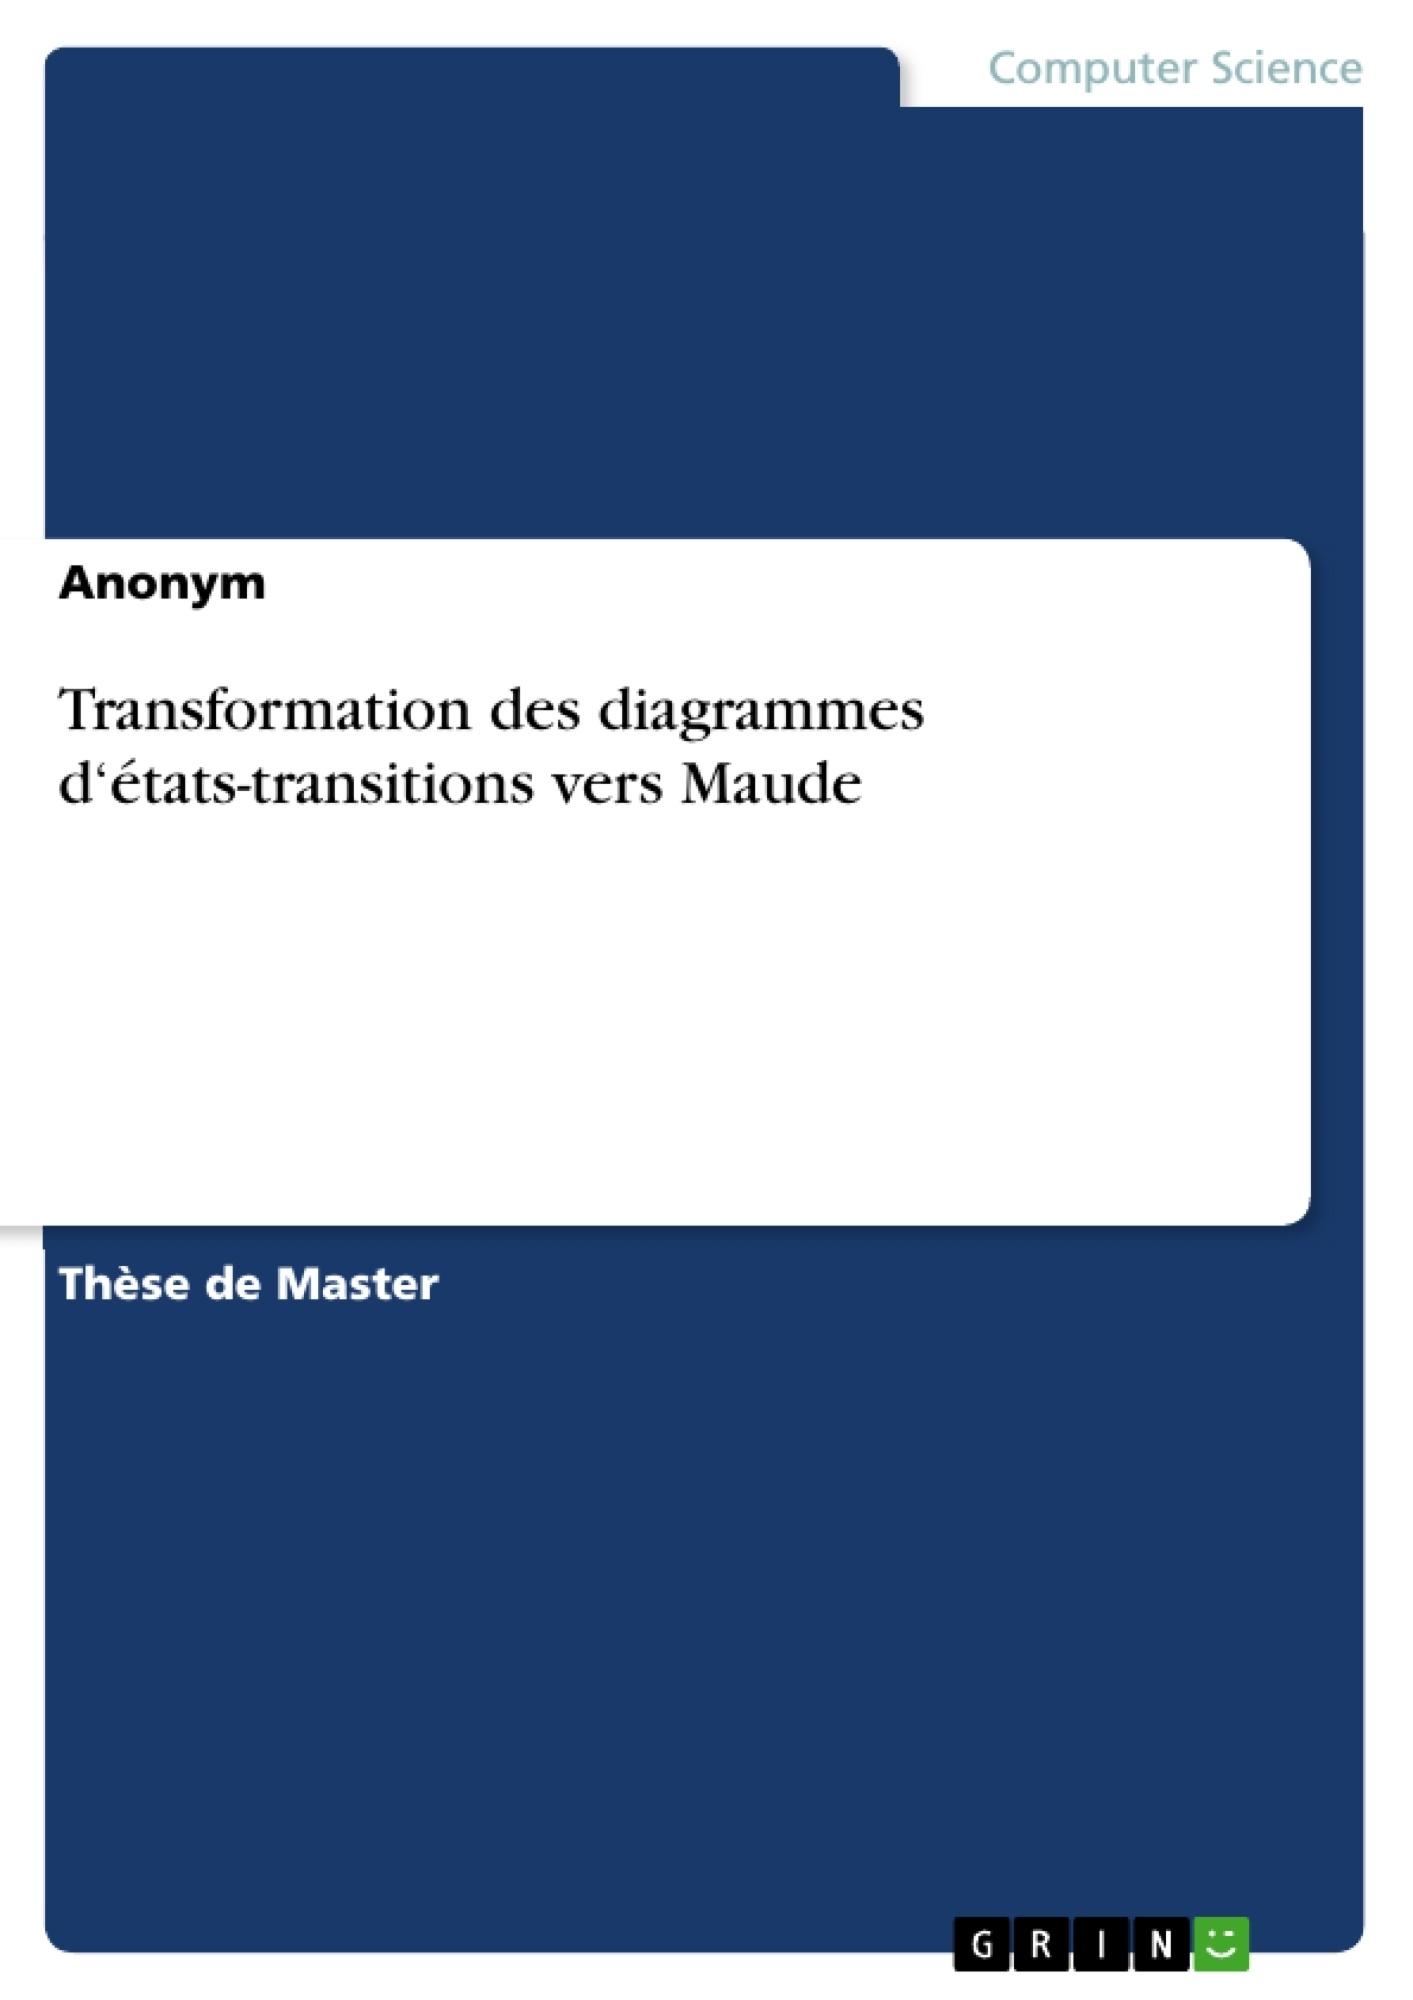 Titre: Transformation des diagrammes d'états-transitions vers Maude